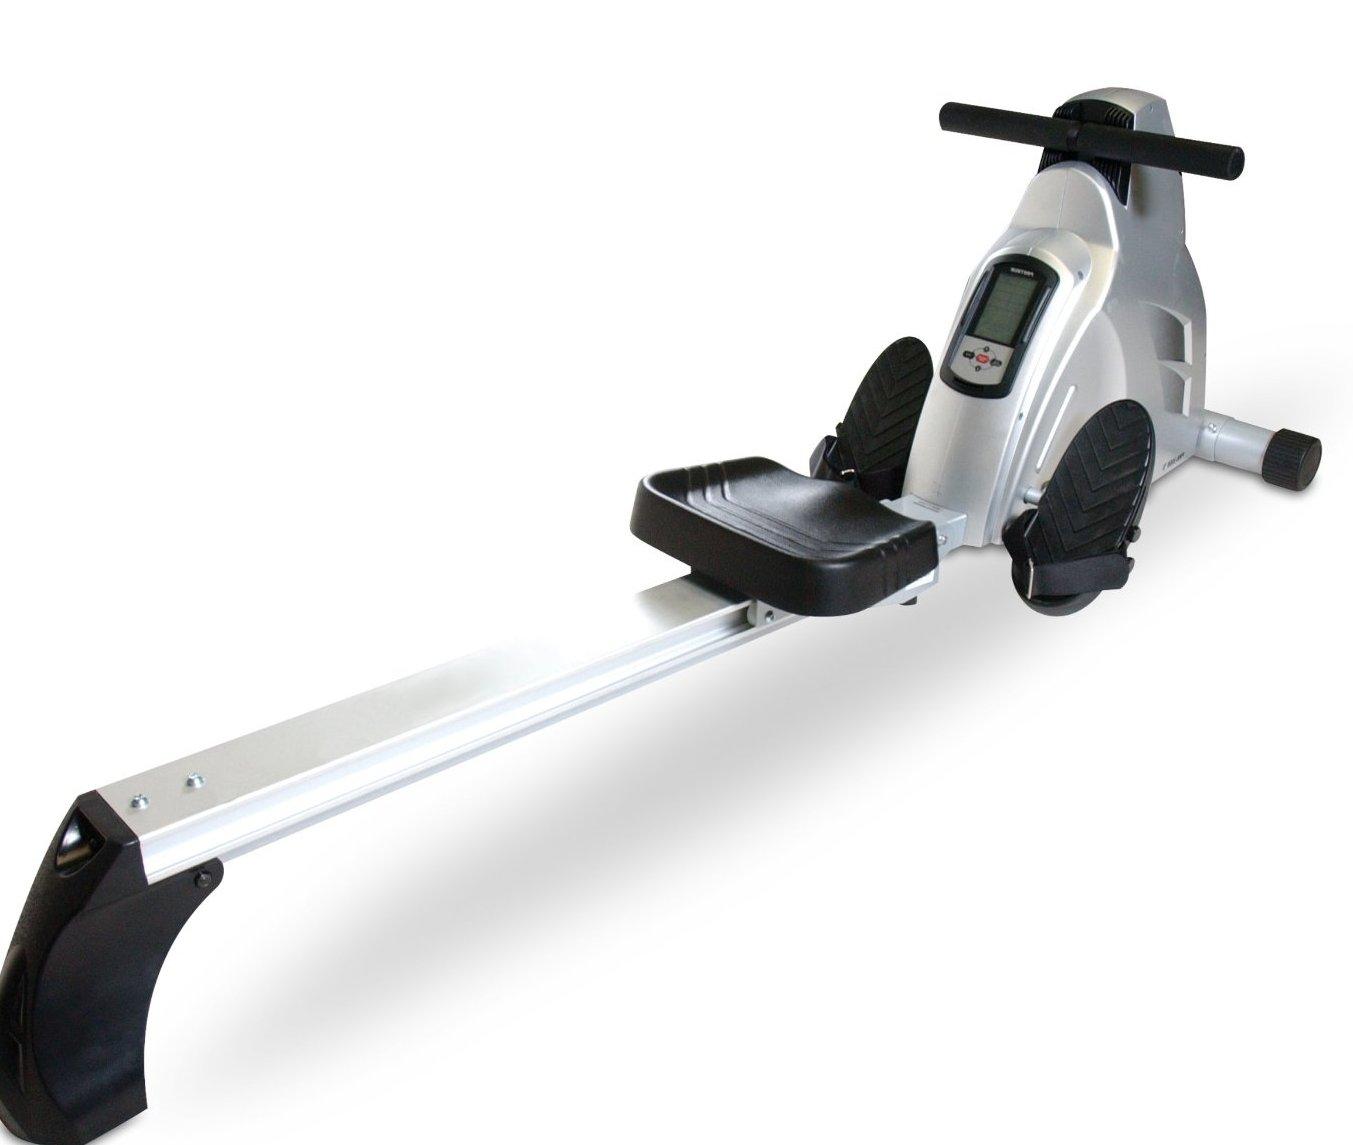 gym tool